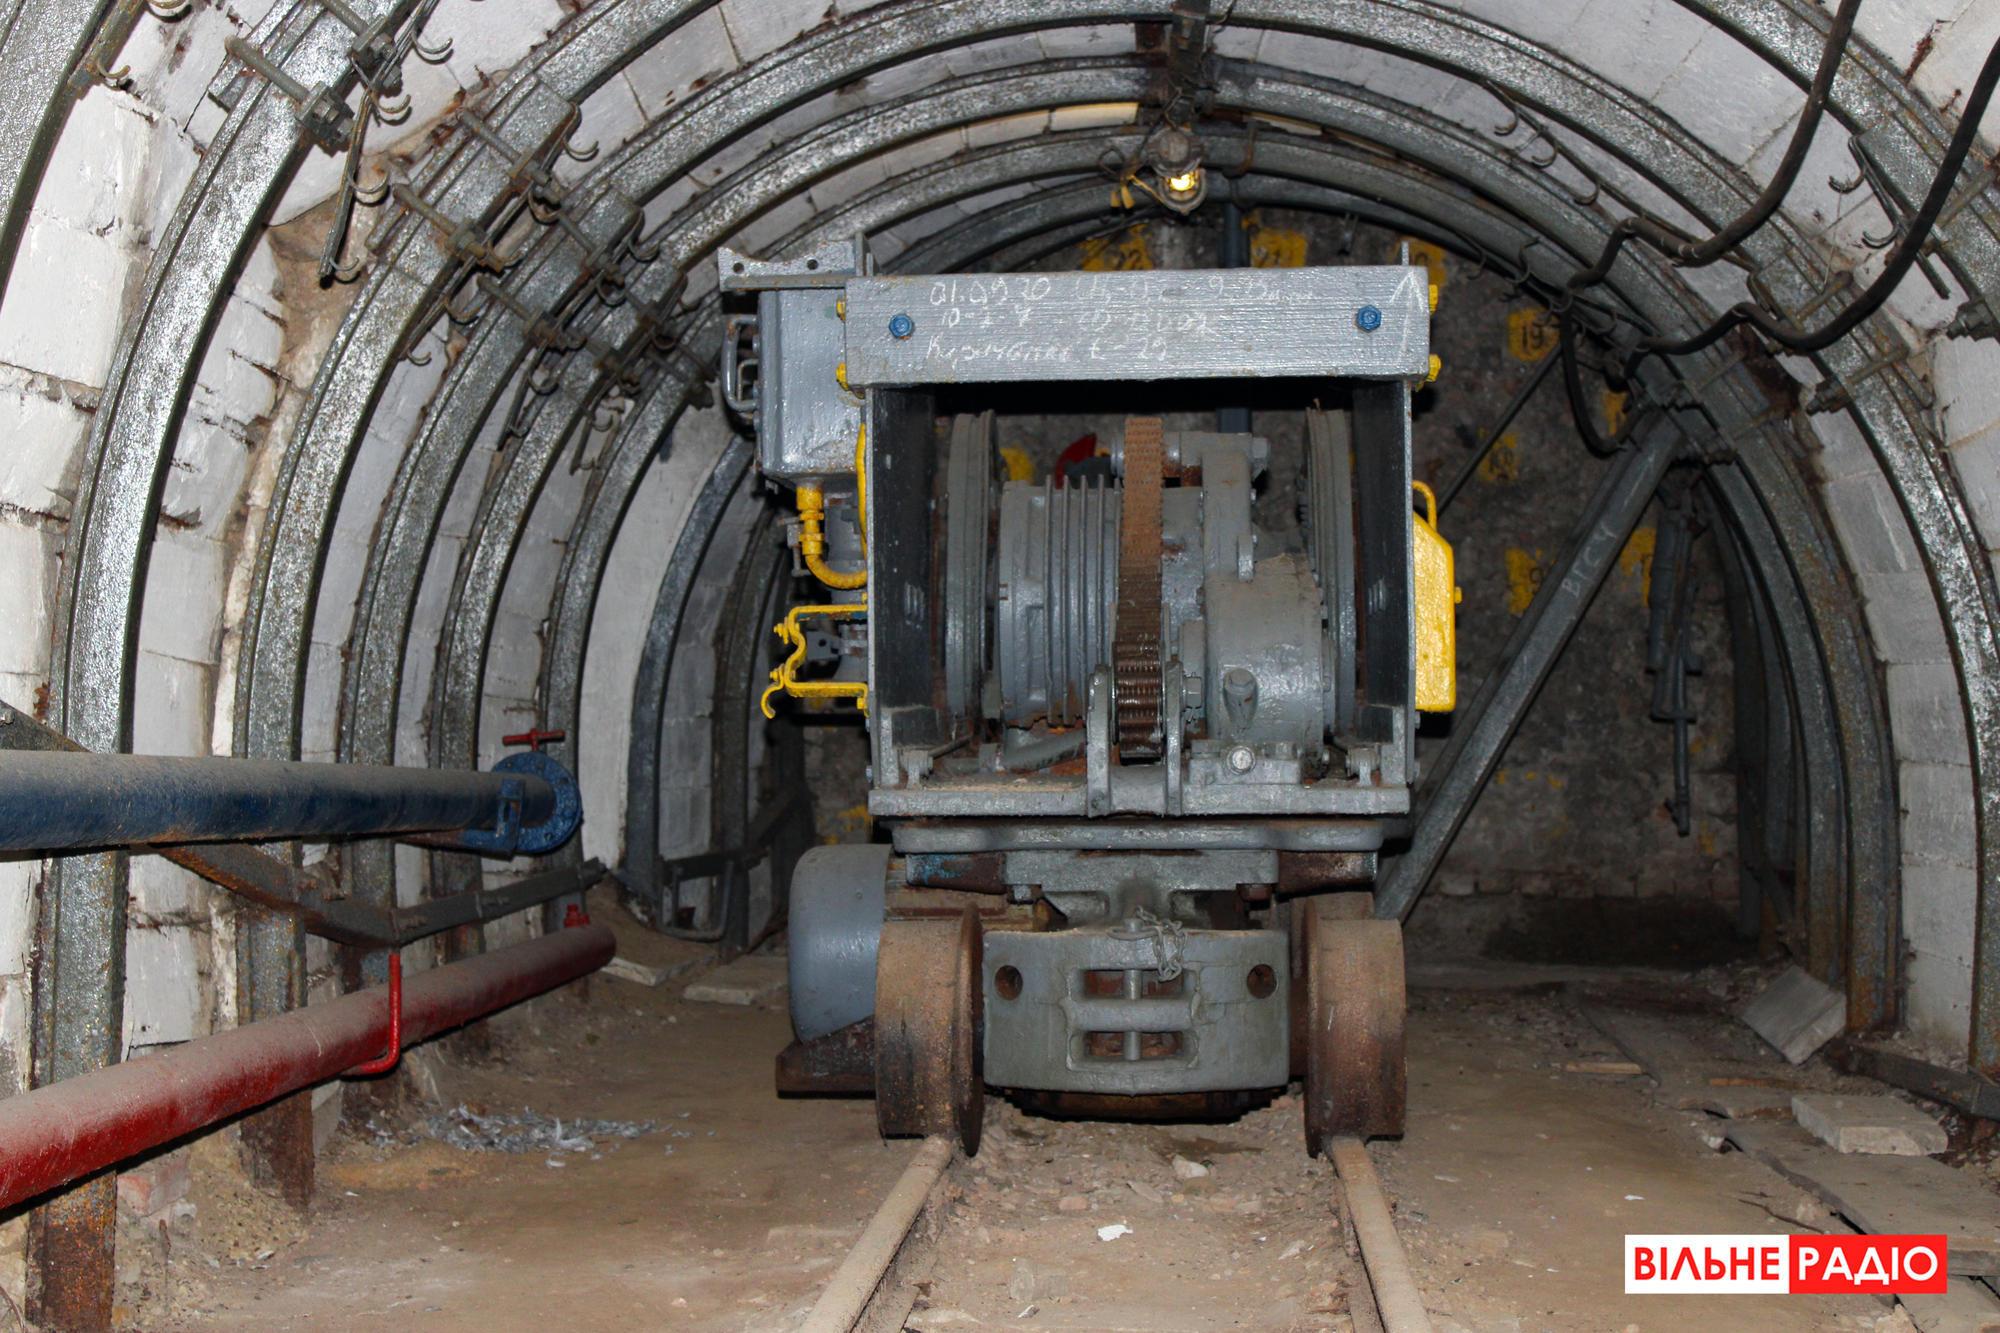 Погрузочная машина, которая вывозит породу. Фото из учебной шахты в Торецке